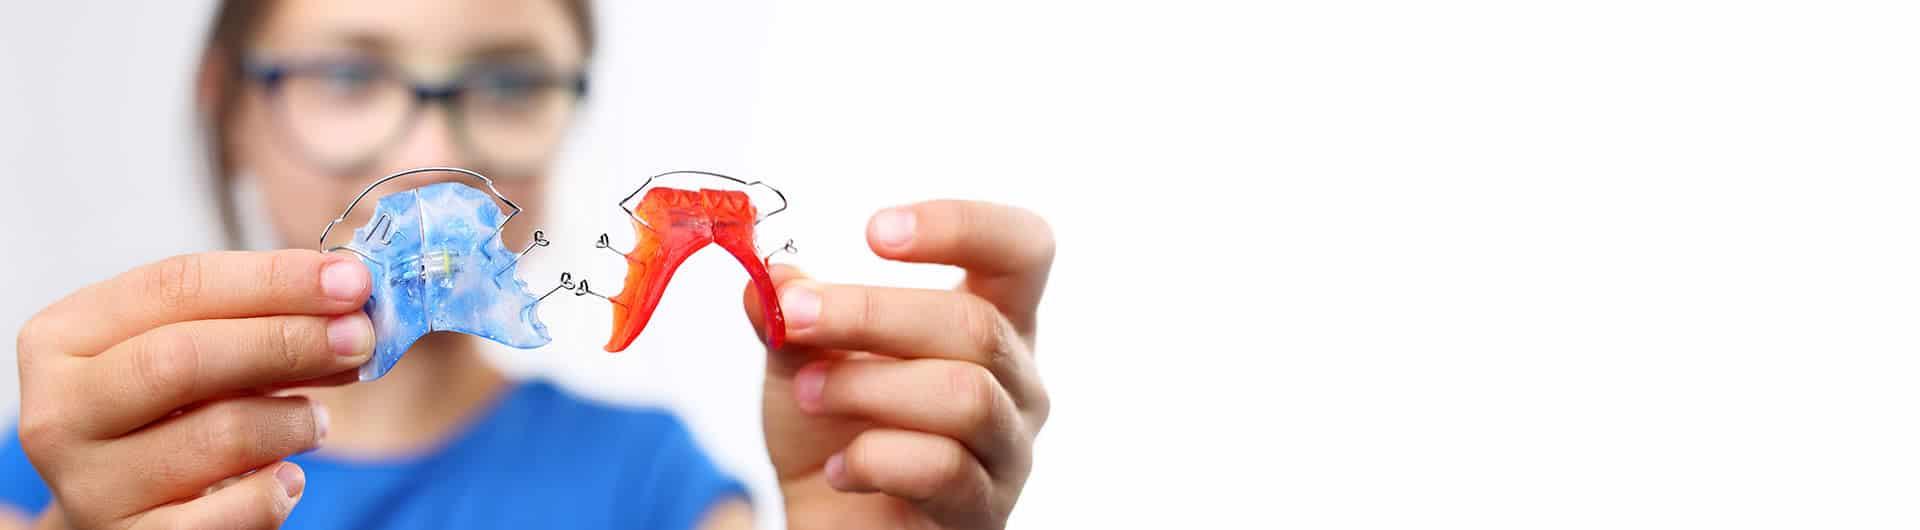 Die Zahnzusatzversicherung für Kieferorthopädie (Kinder)